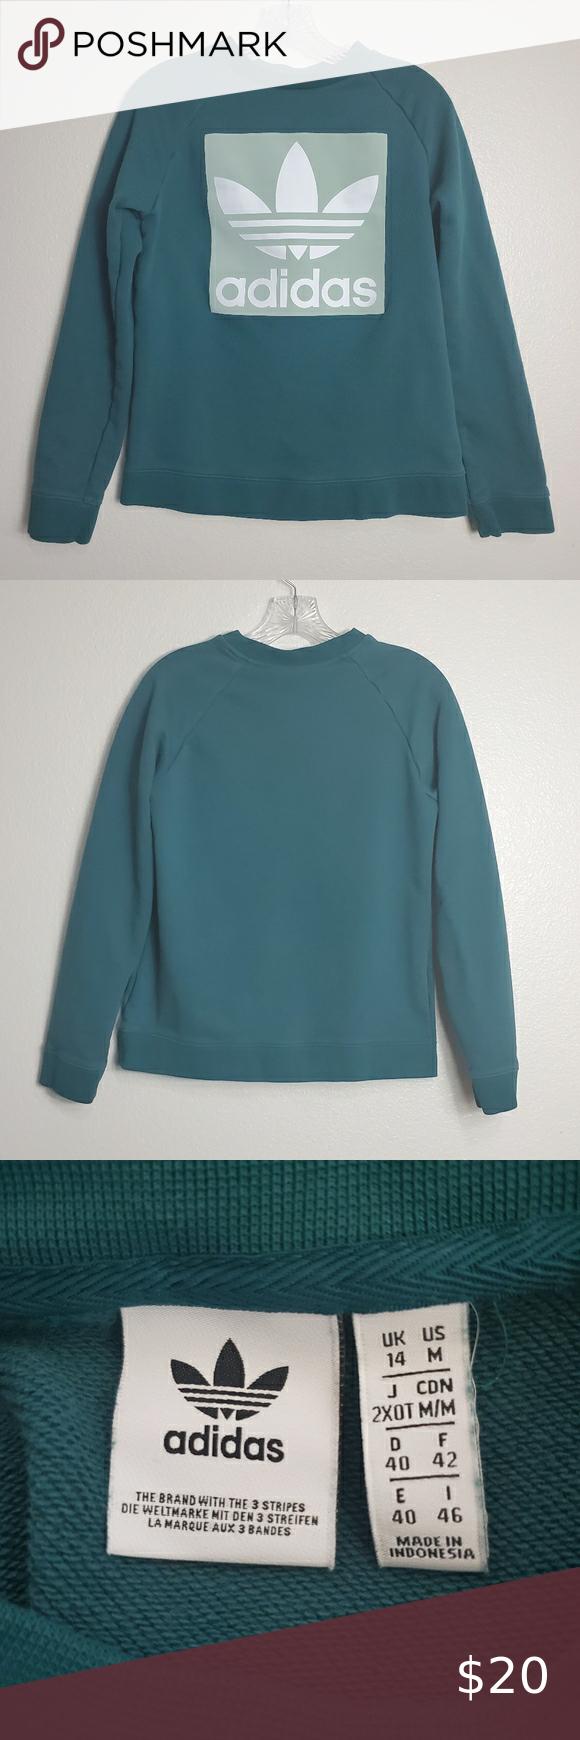 Adidas Originals Women S Trefoil Sweatshirt Medium Adidas Originals Women Sweatshirts Adidas Tops [ 1740 x 580 Pixel ]